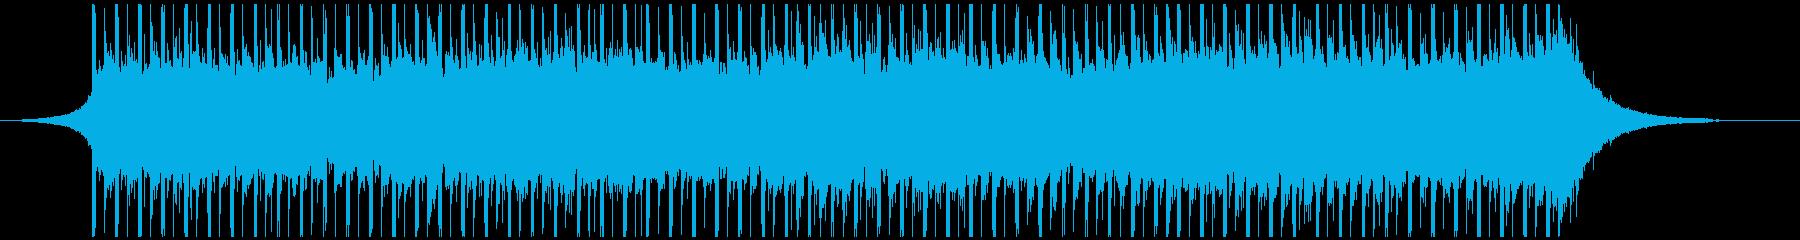 研究所(ショート)の再生済みの波形